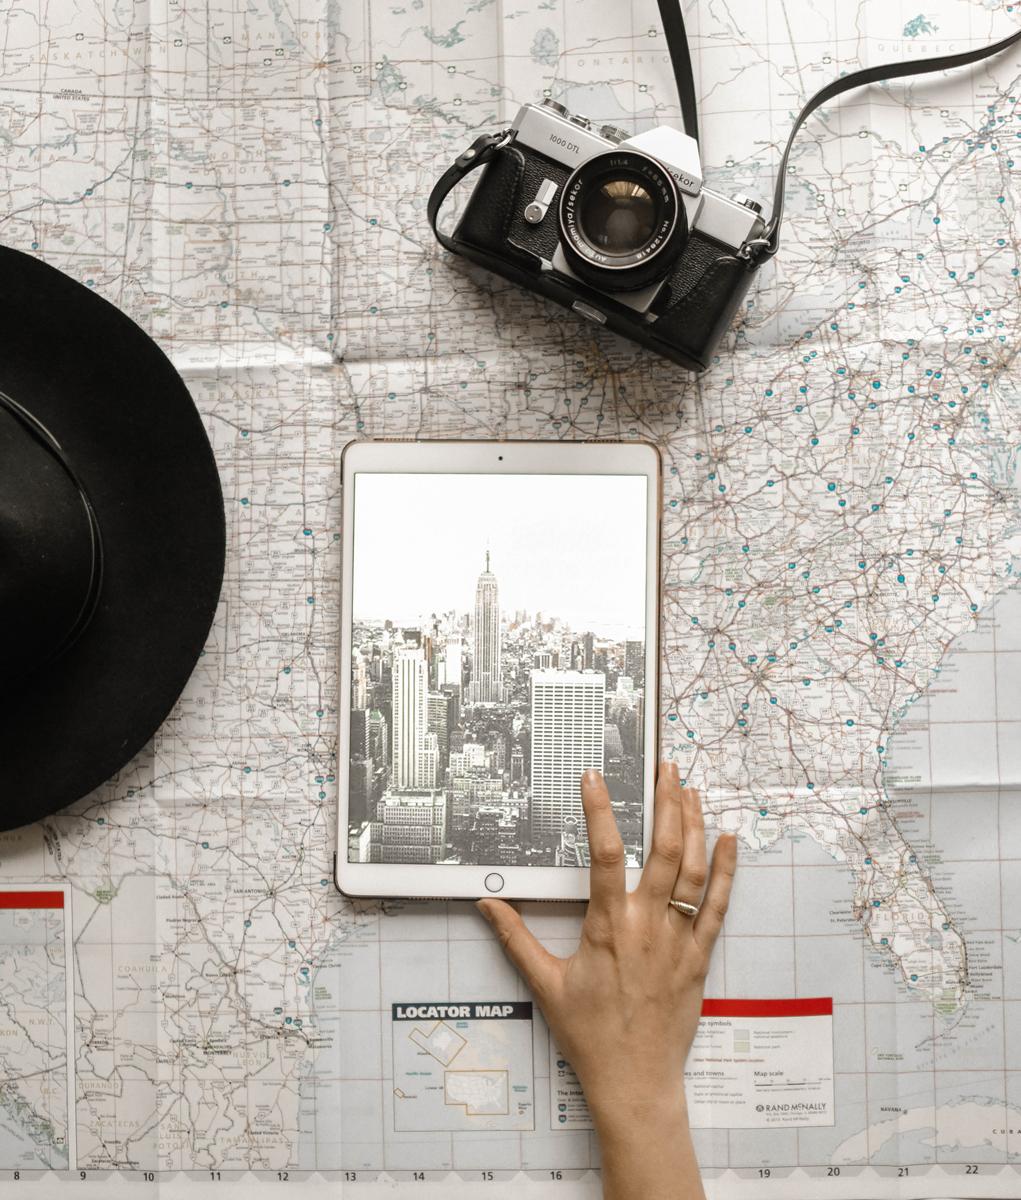 12 choses que vous ne saviez pas que votre appareil photo pouvait faire